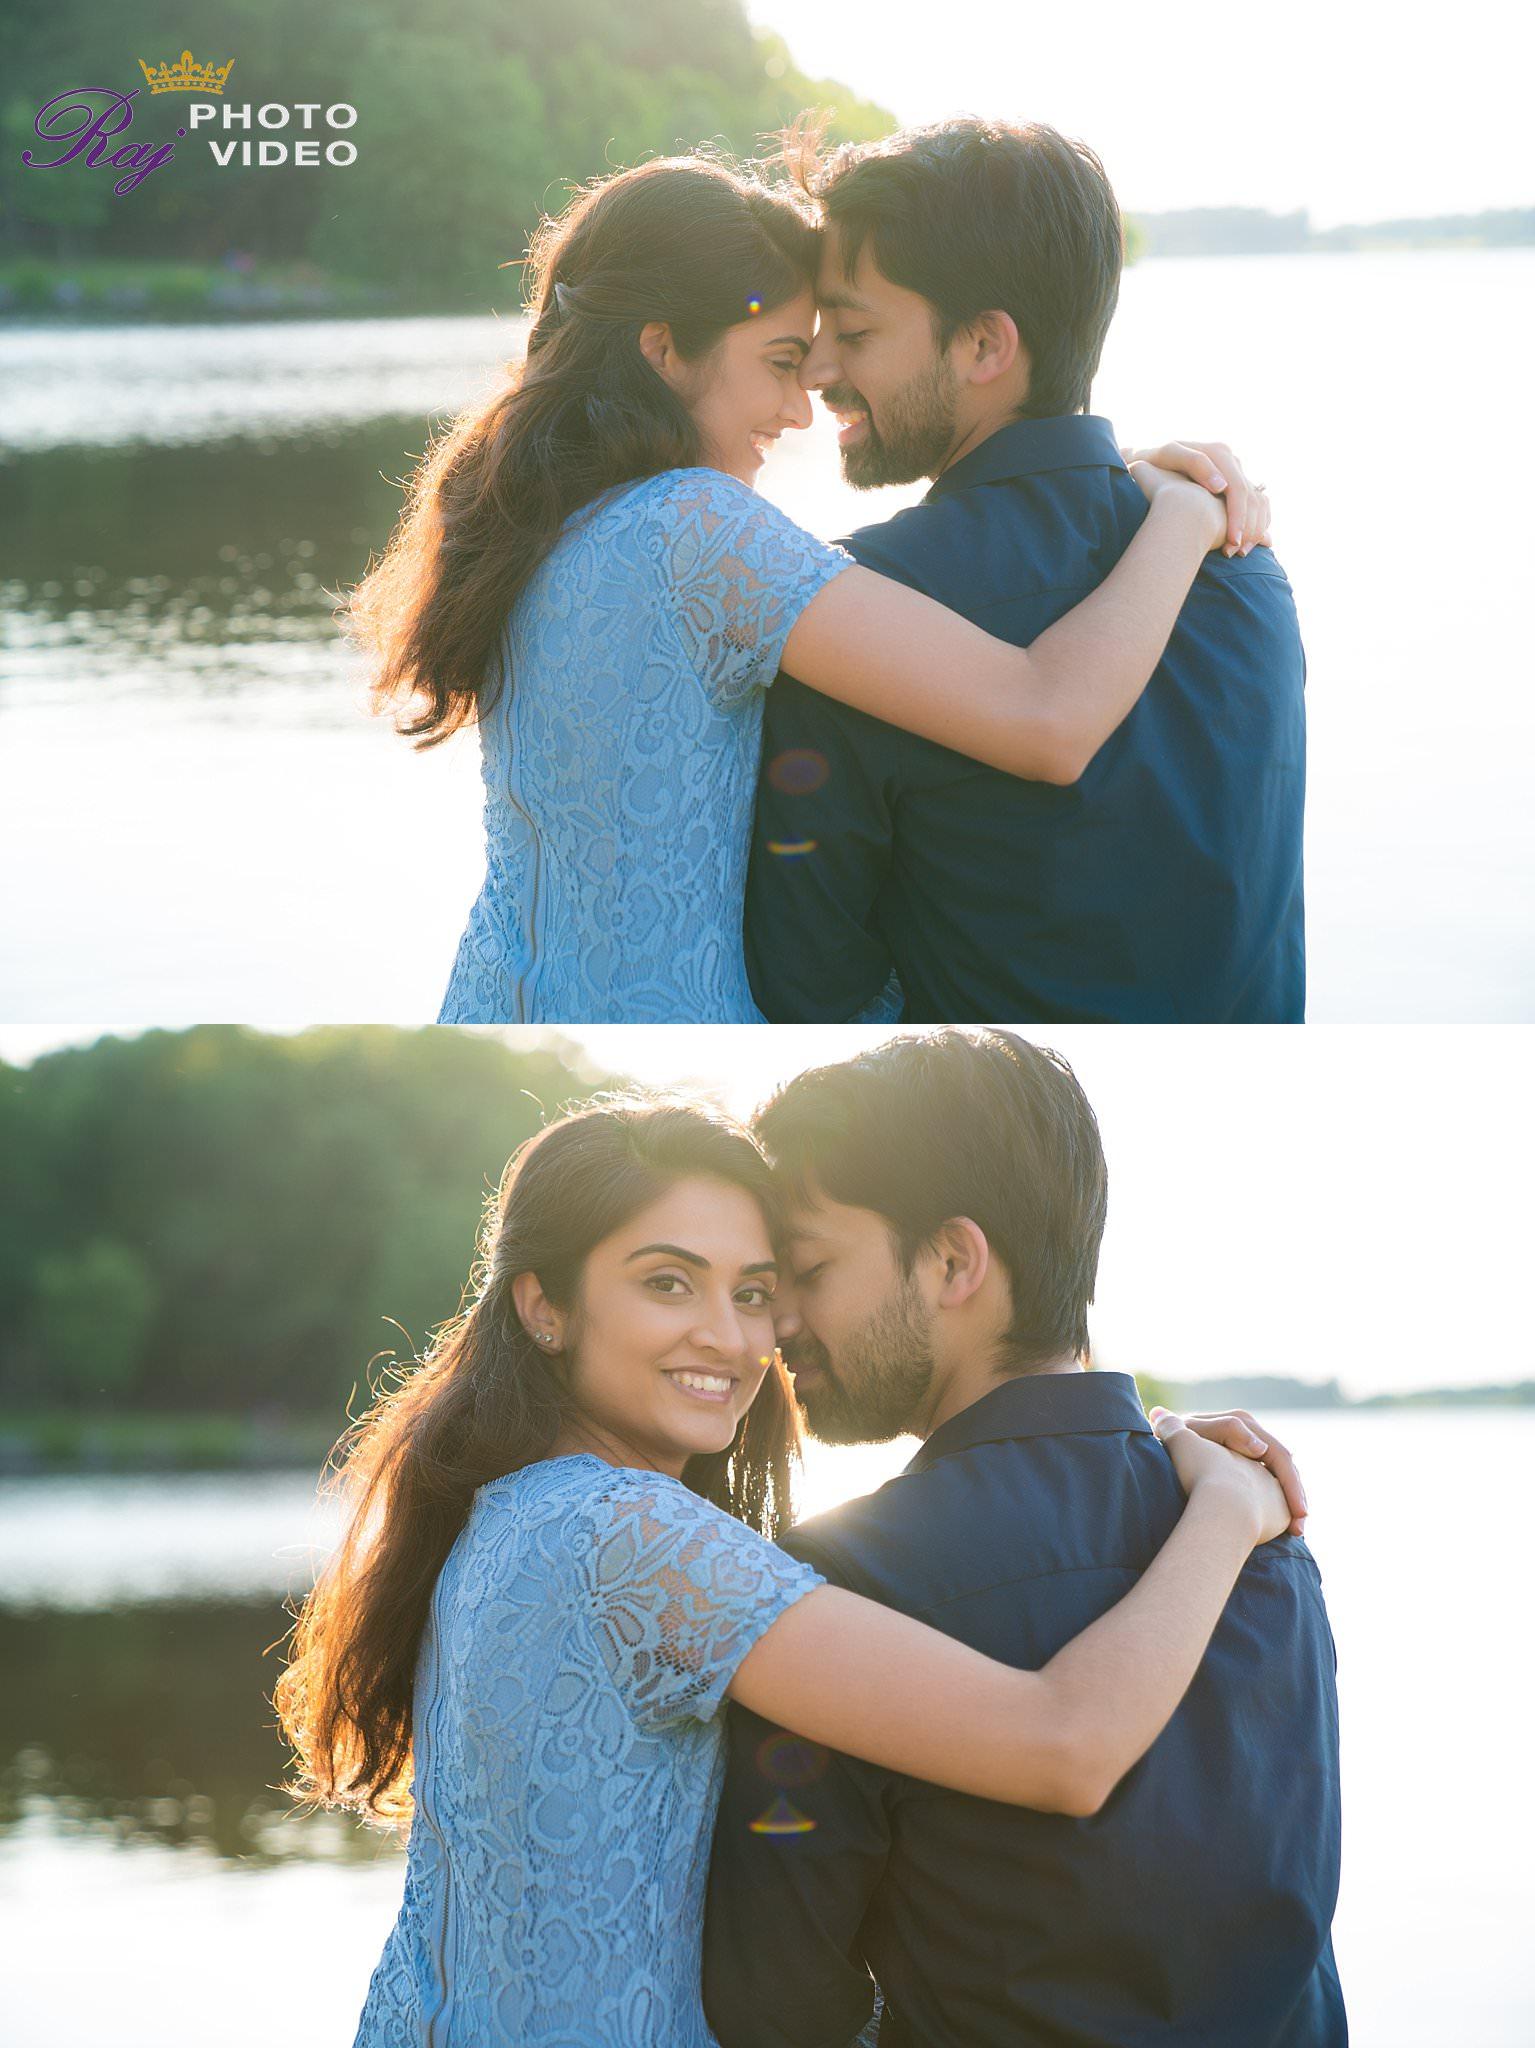 Mercer-County-Park-Engagement-Shoot-Shaili-Rahul-8_Raj_Photo_Video.jpg